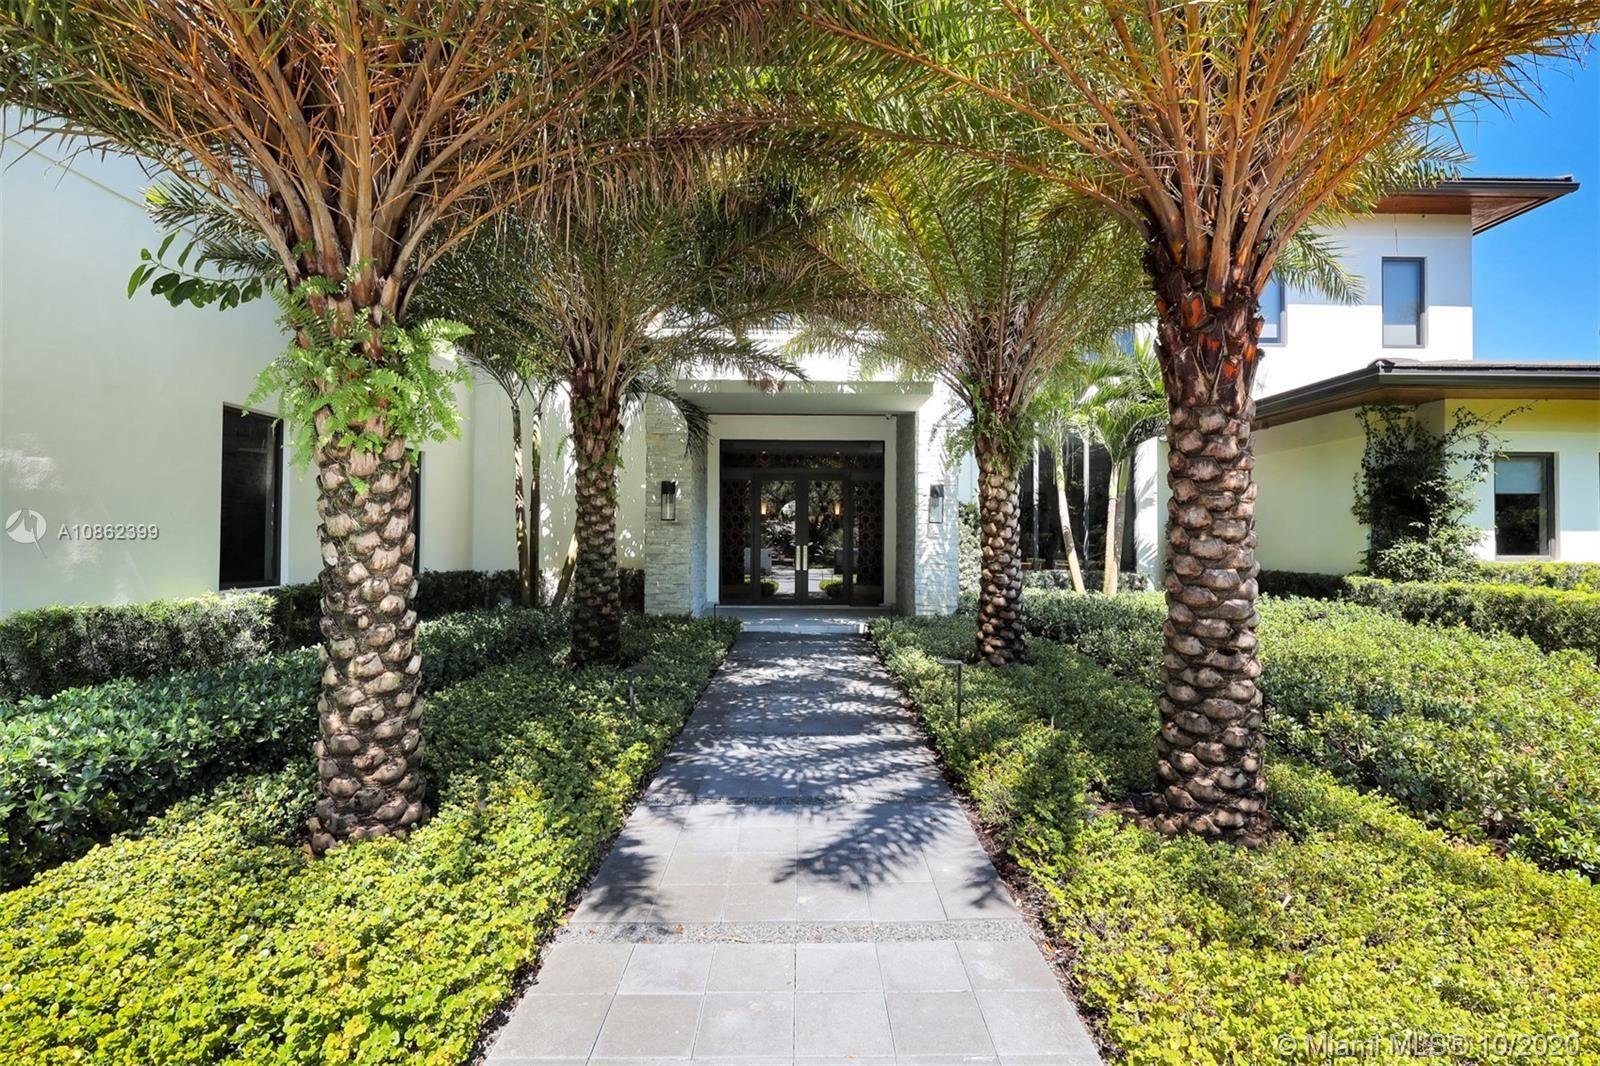 4895 Pine Dr, Miami, FL 33143 - #: A10862399